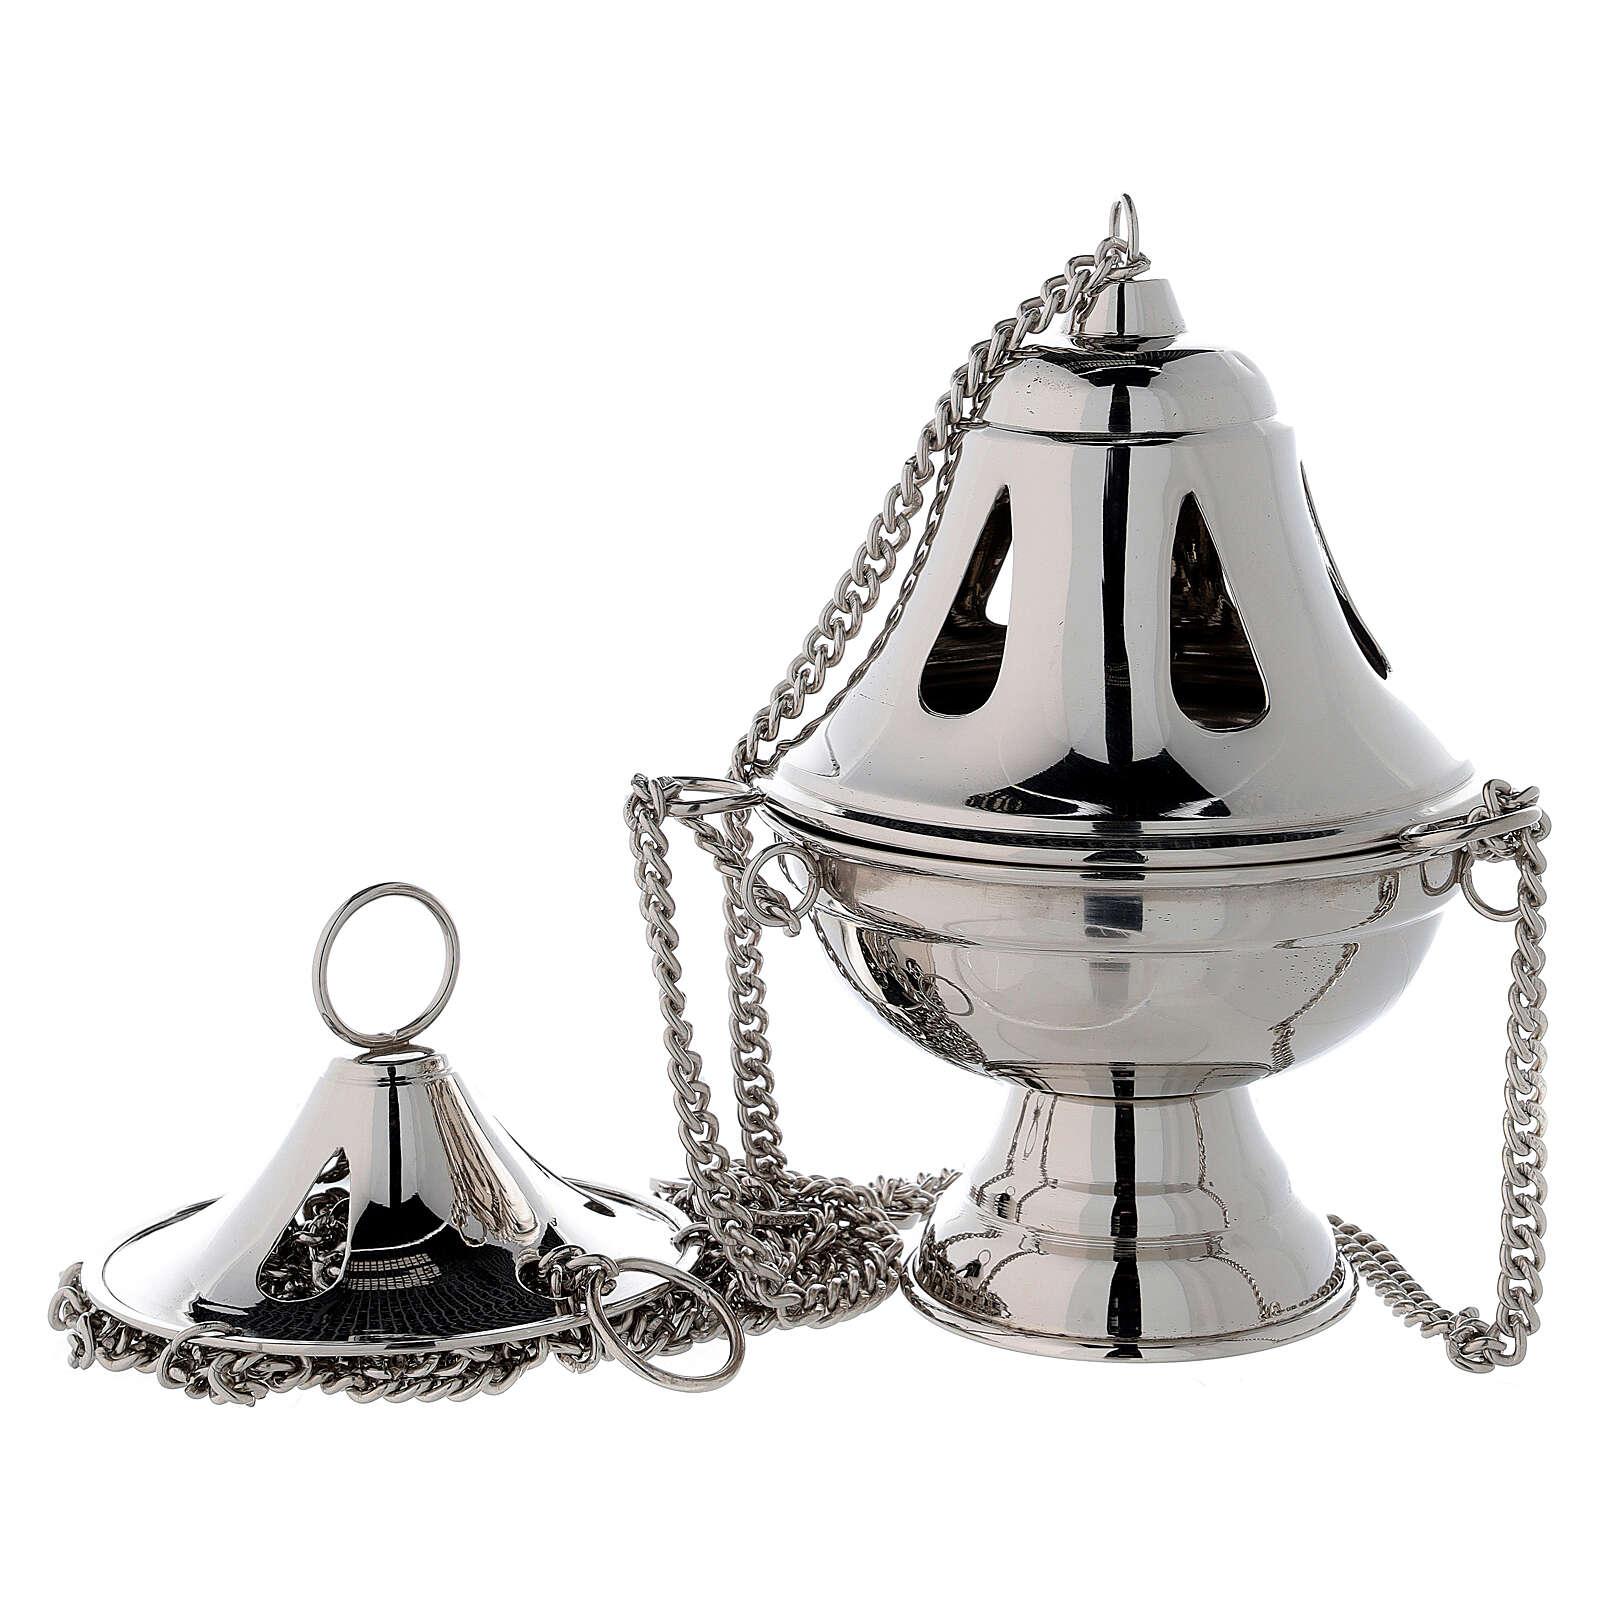 Turibolo campana fori a goccia h 17 cm ottone nichelato 3